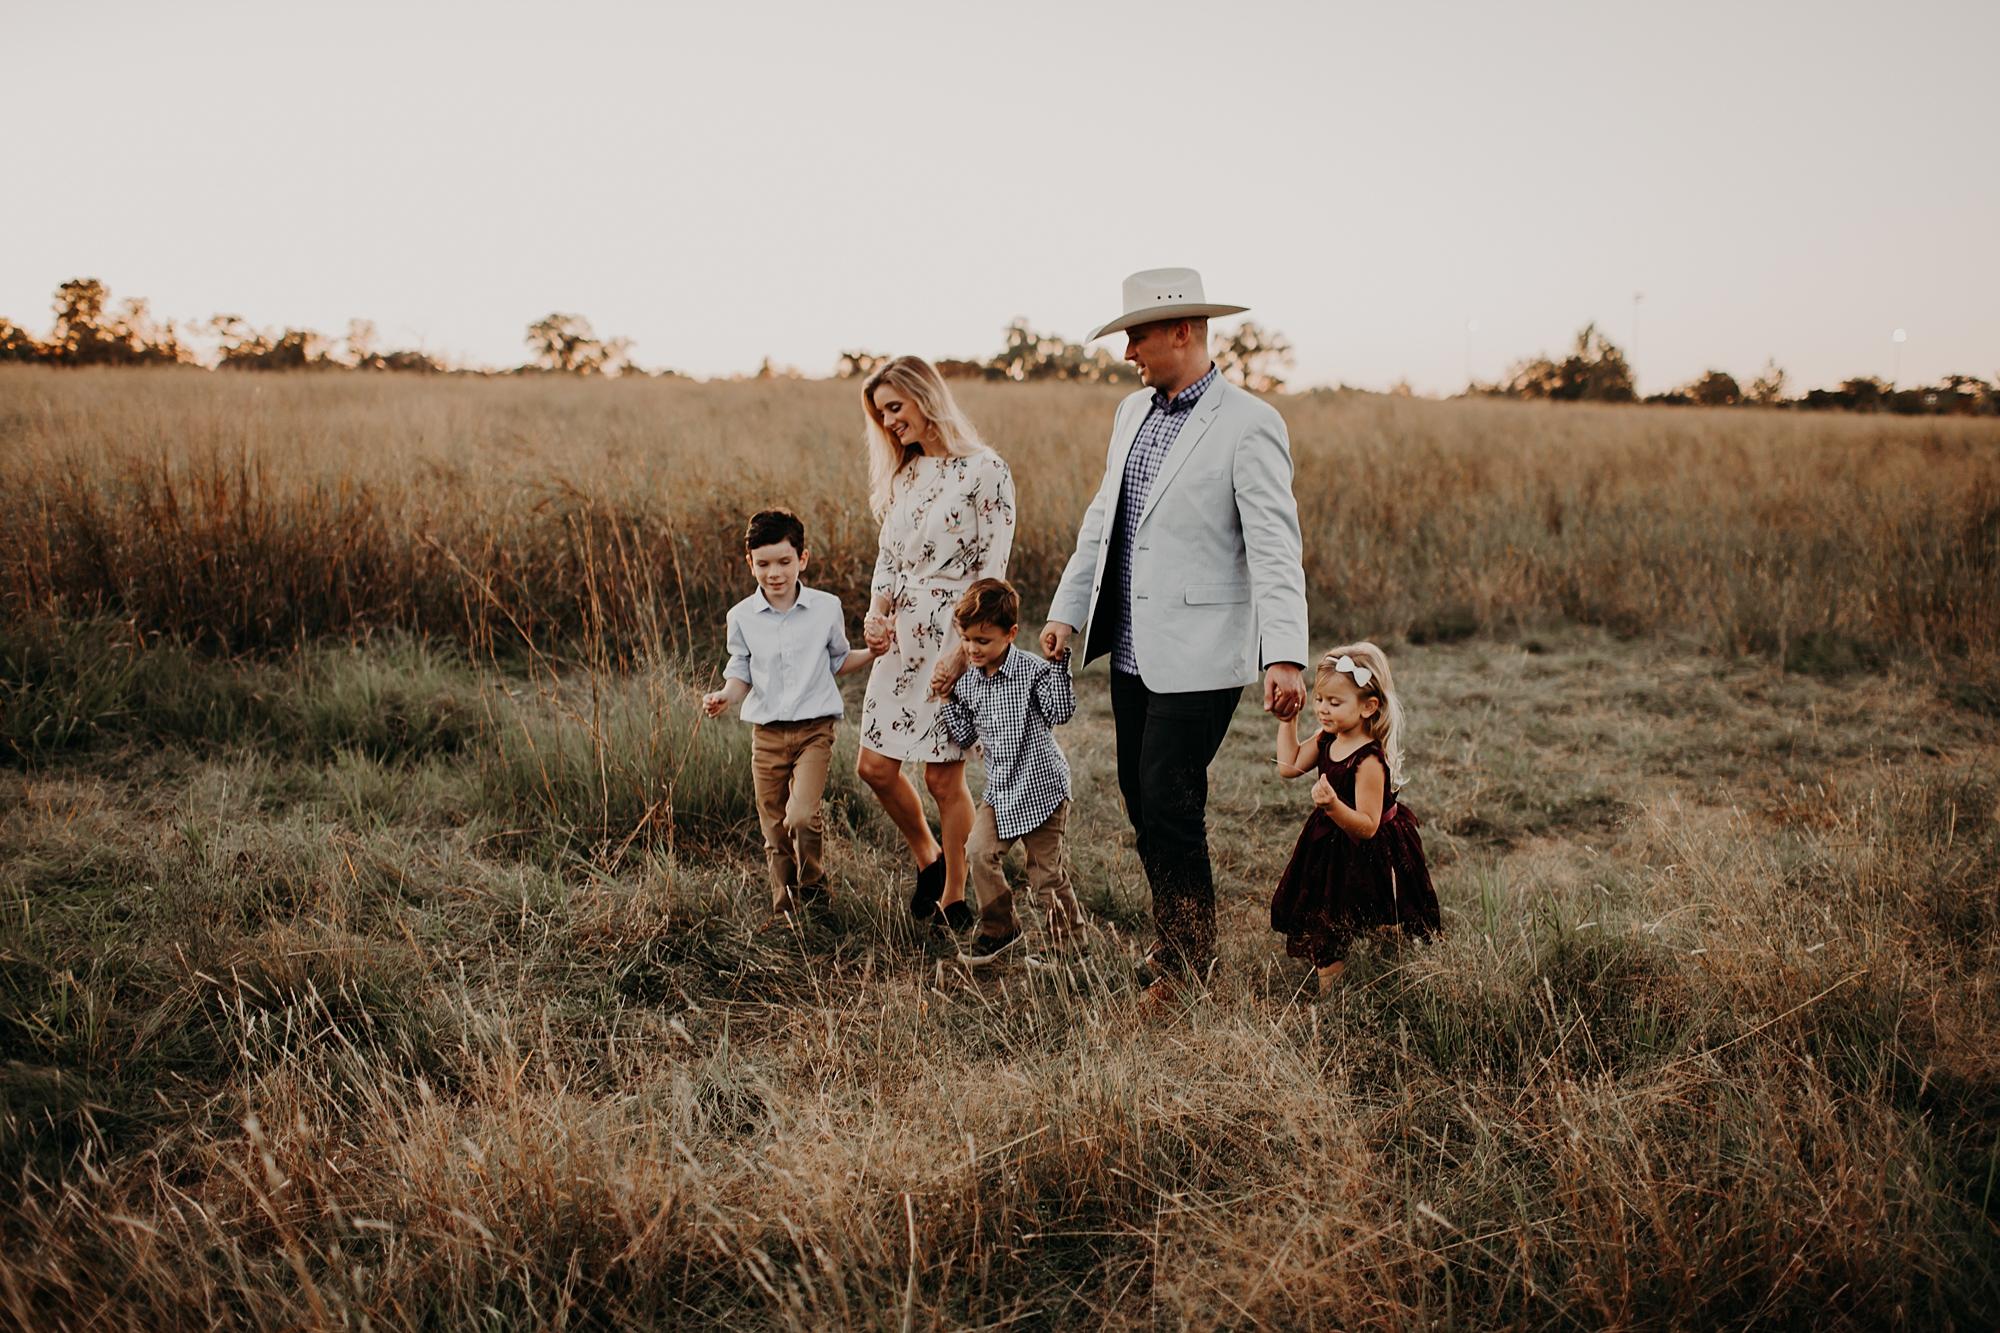 Perkins-San-Antonio-Family-Photographer-54_WEB.jpg